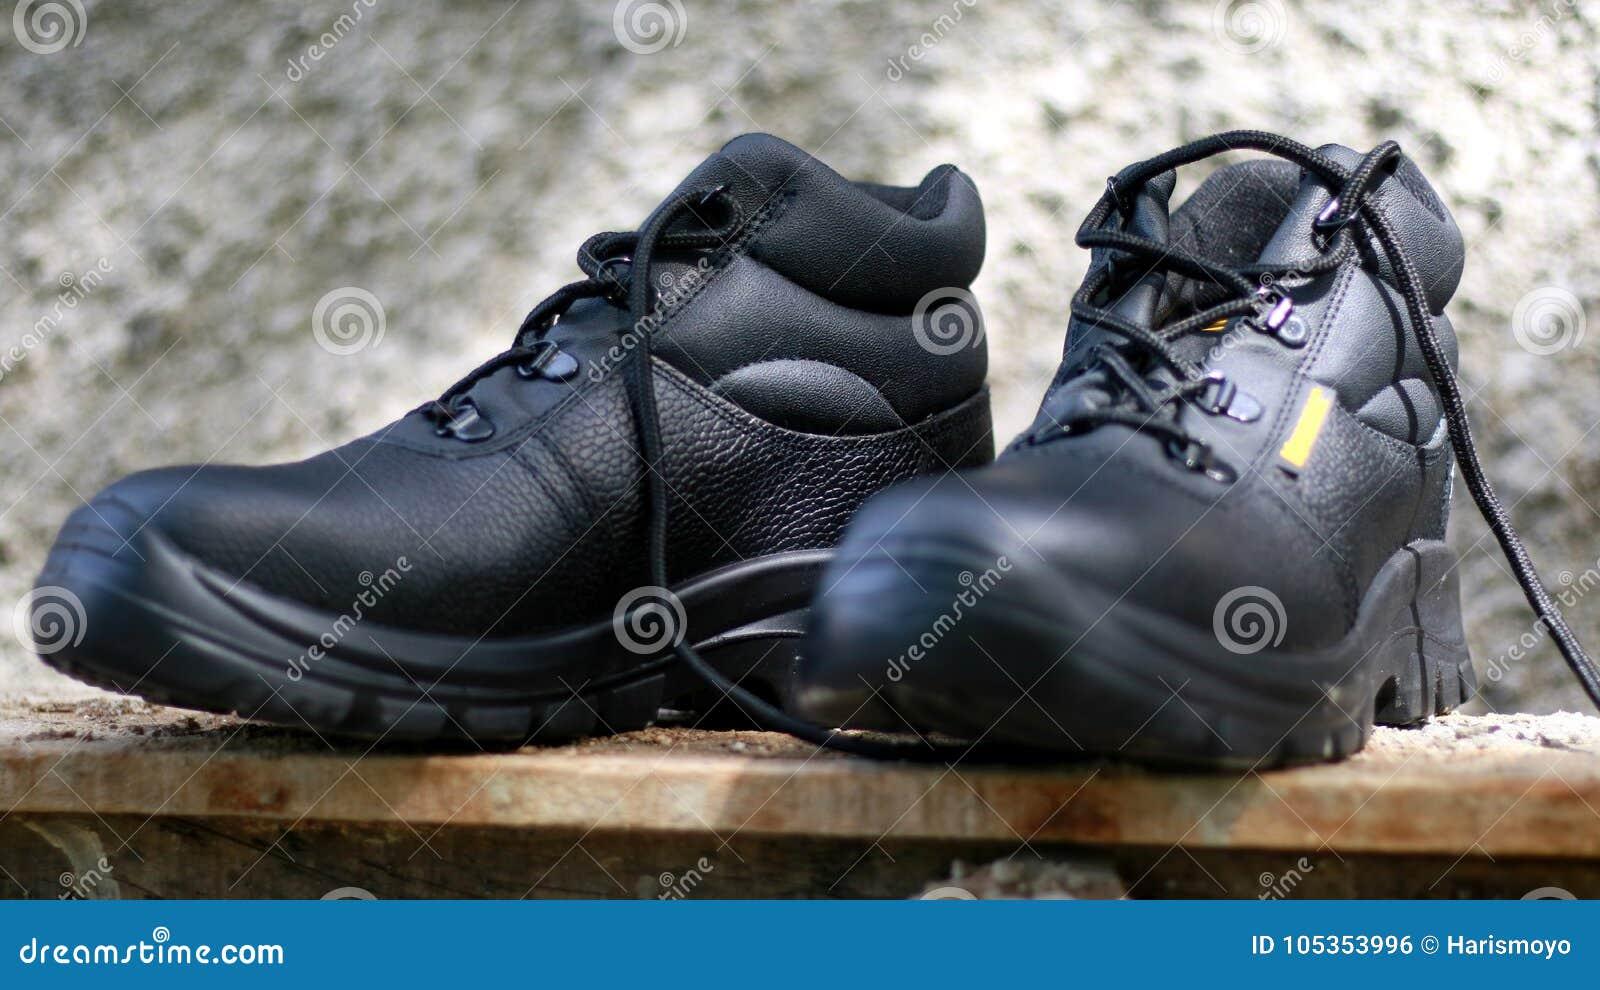 Zapatos Archivo De Negros Cuero Imagen Seguridad Foto rxrSq8Z